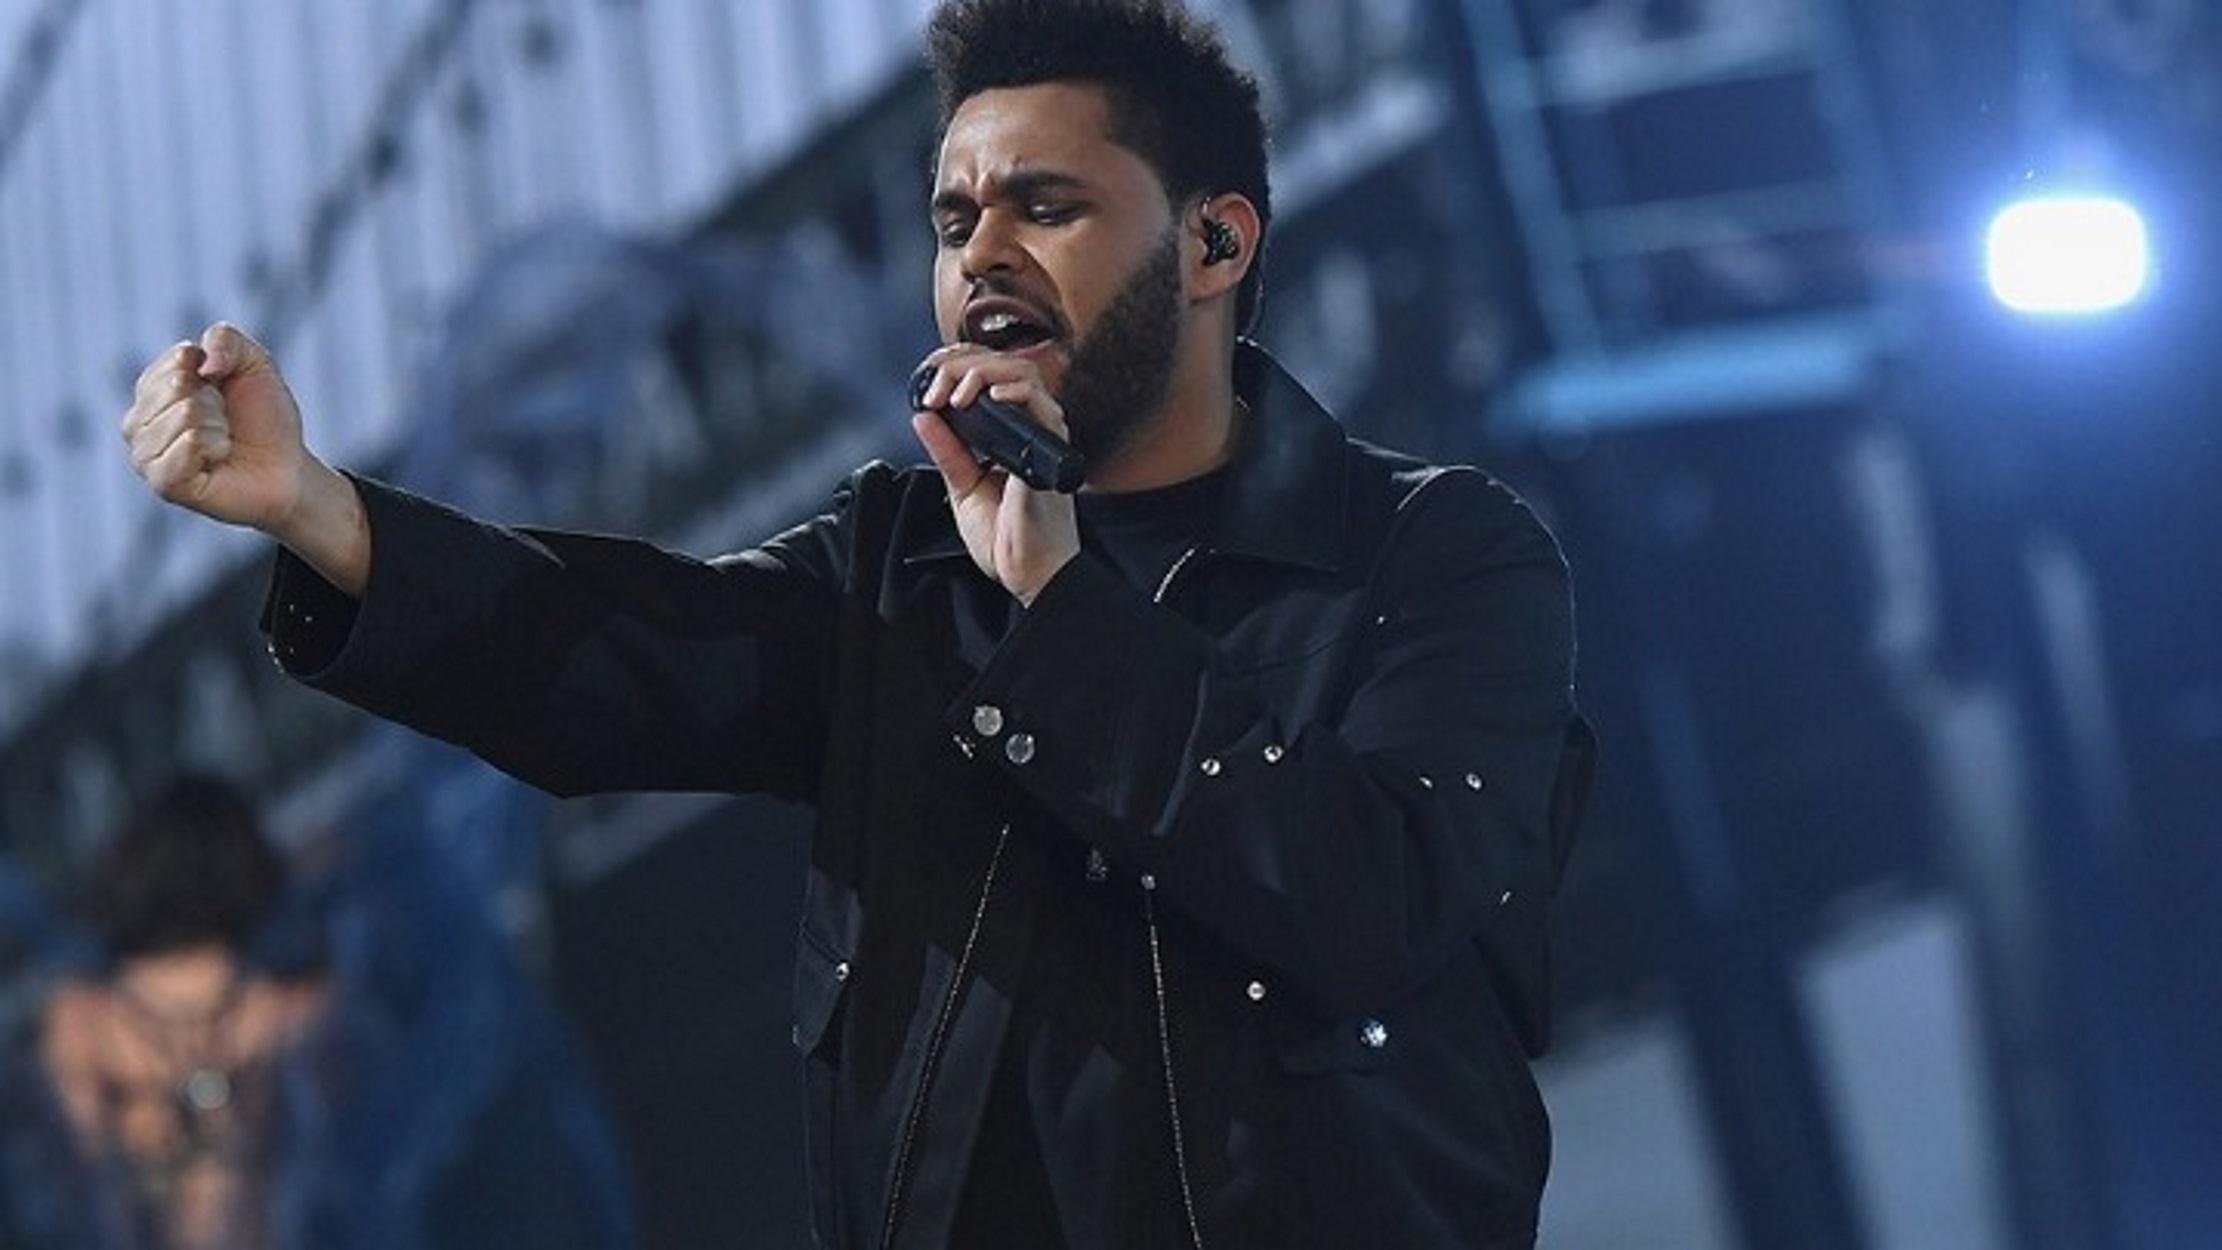 Weeknd: 500.000 δολάρια σε οργανισμούς για τη φυλετική ισότητα στις ΗΠΑ